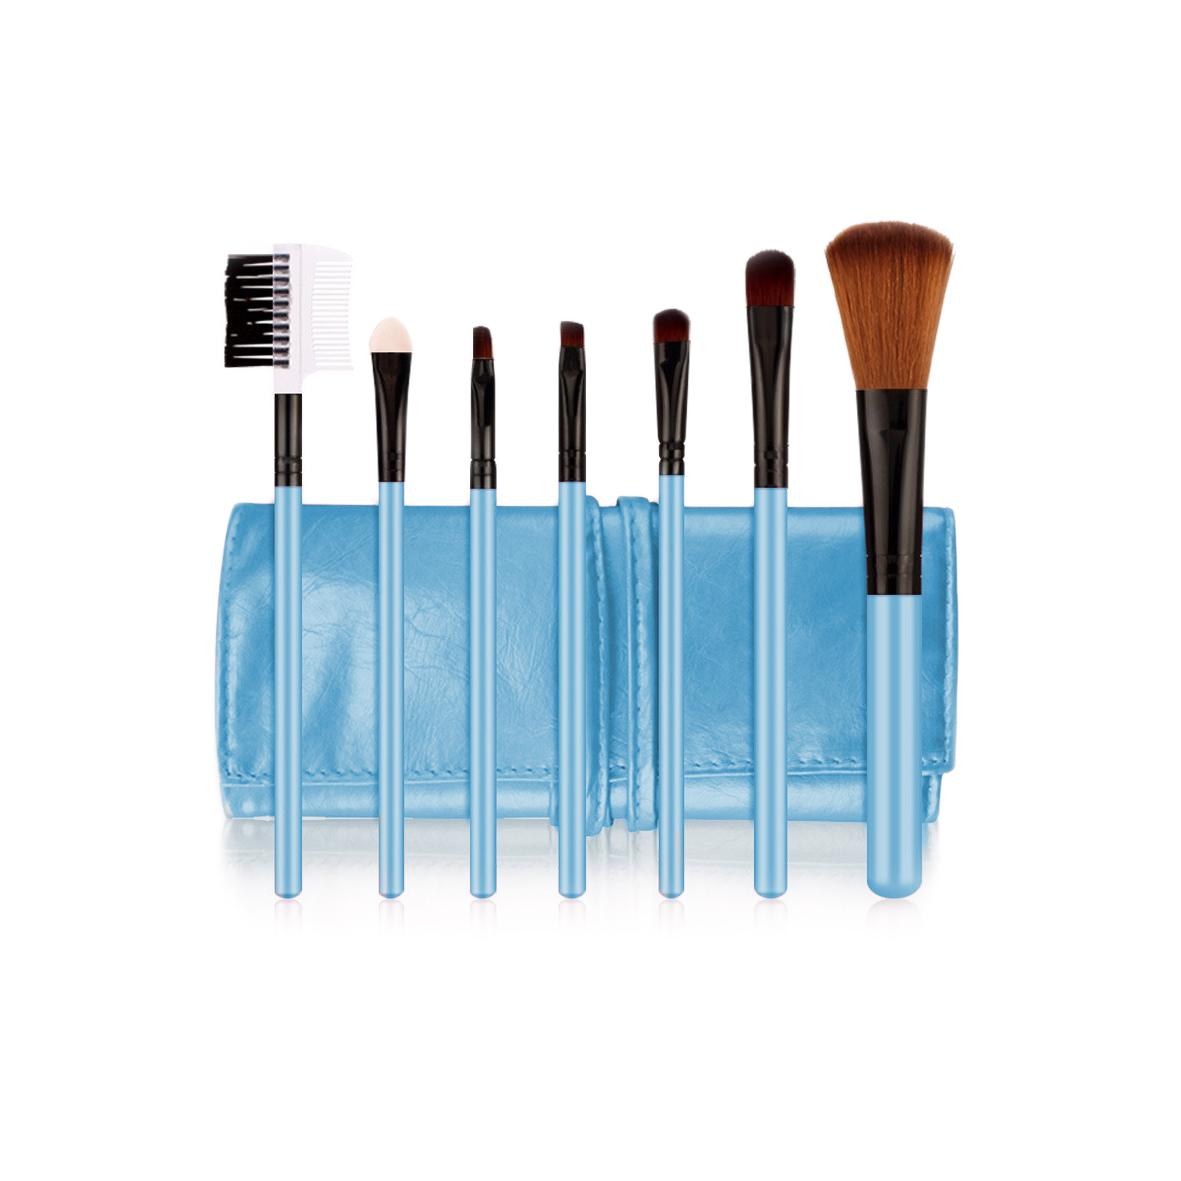 POSH Набор кистей для профессионального макияжа (волокно кинеколон), голубой кожаный чехол 7шт от Галерея Косметики